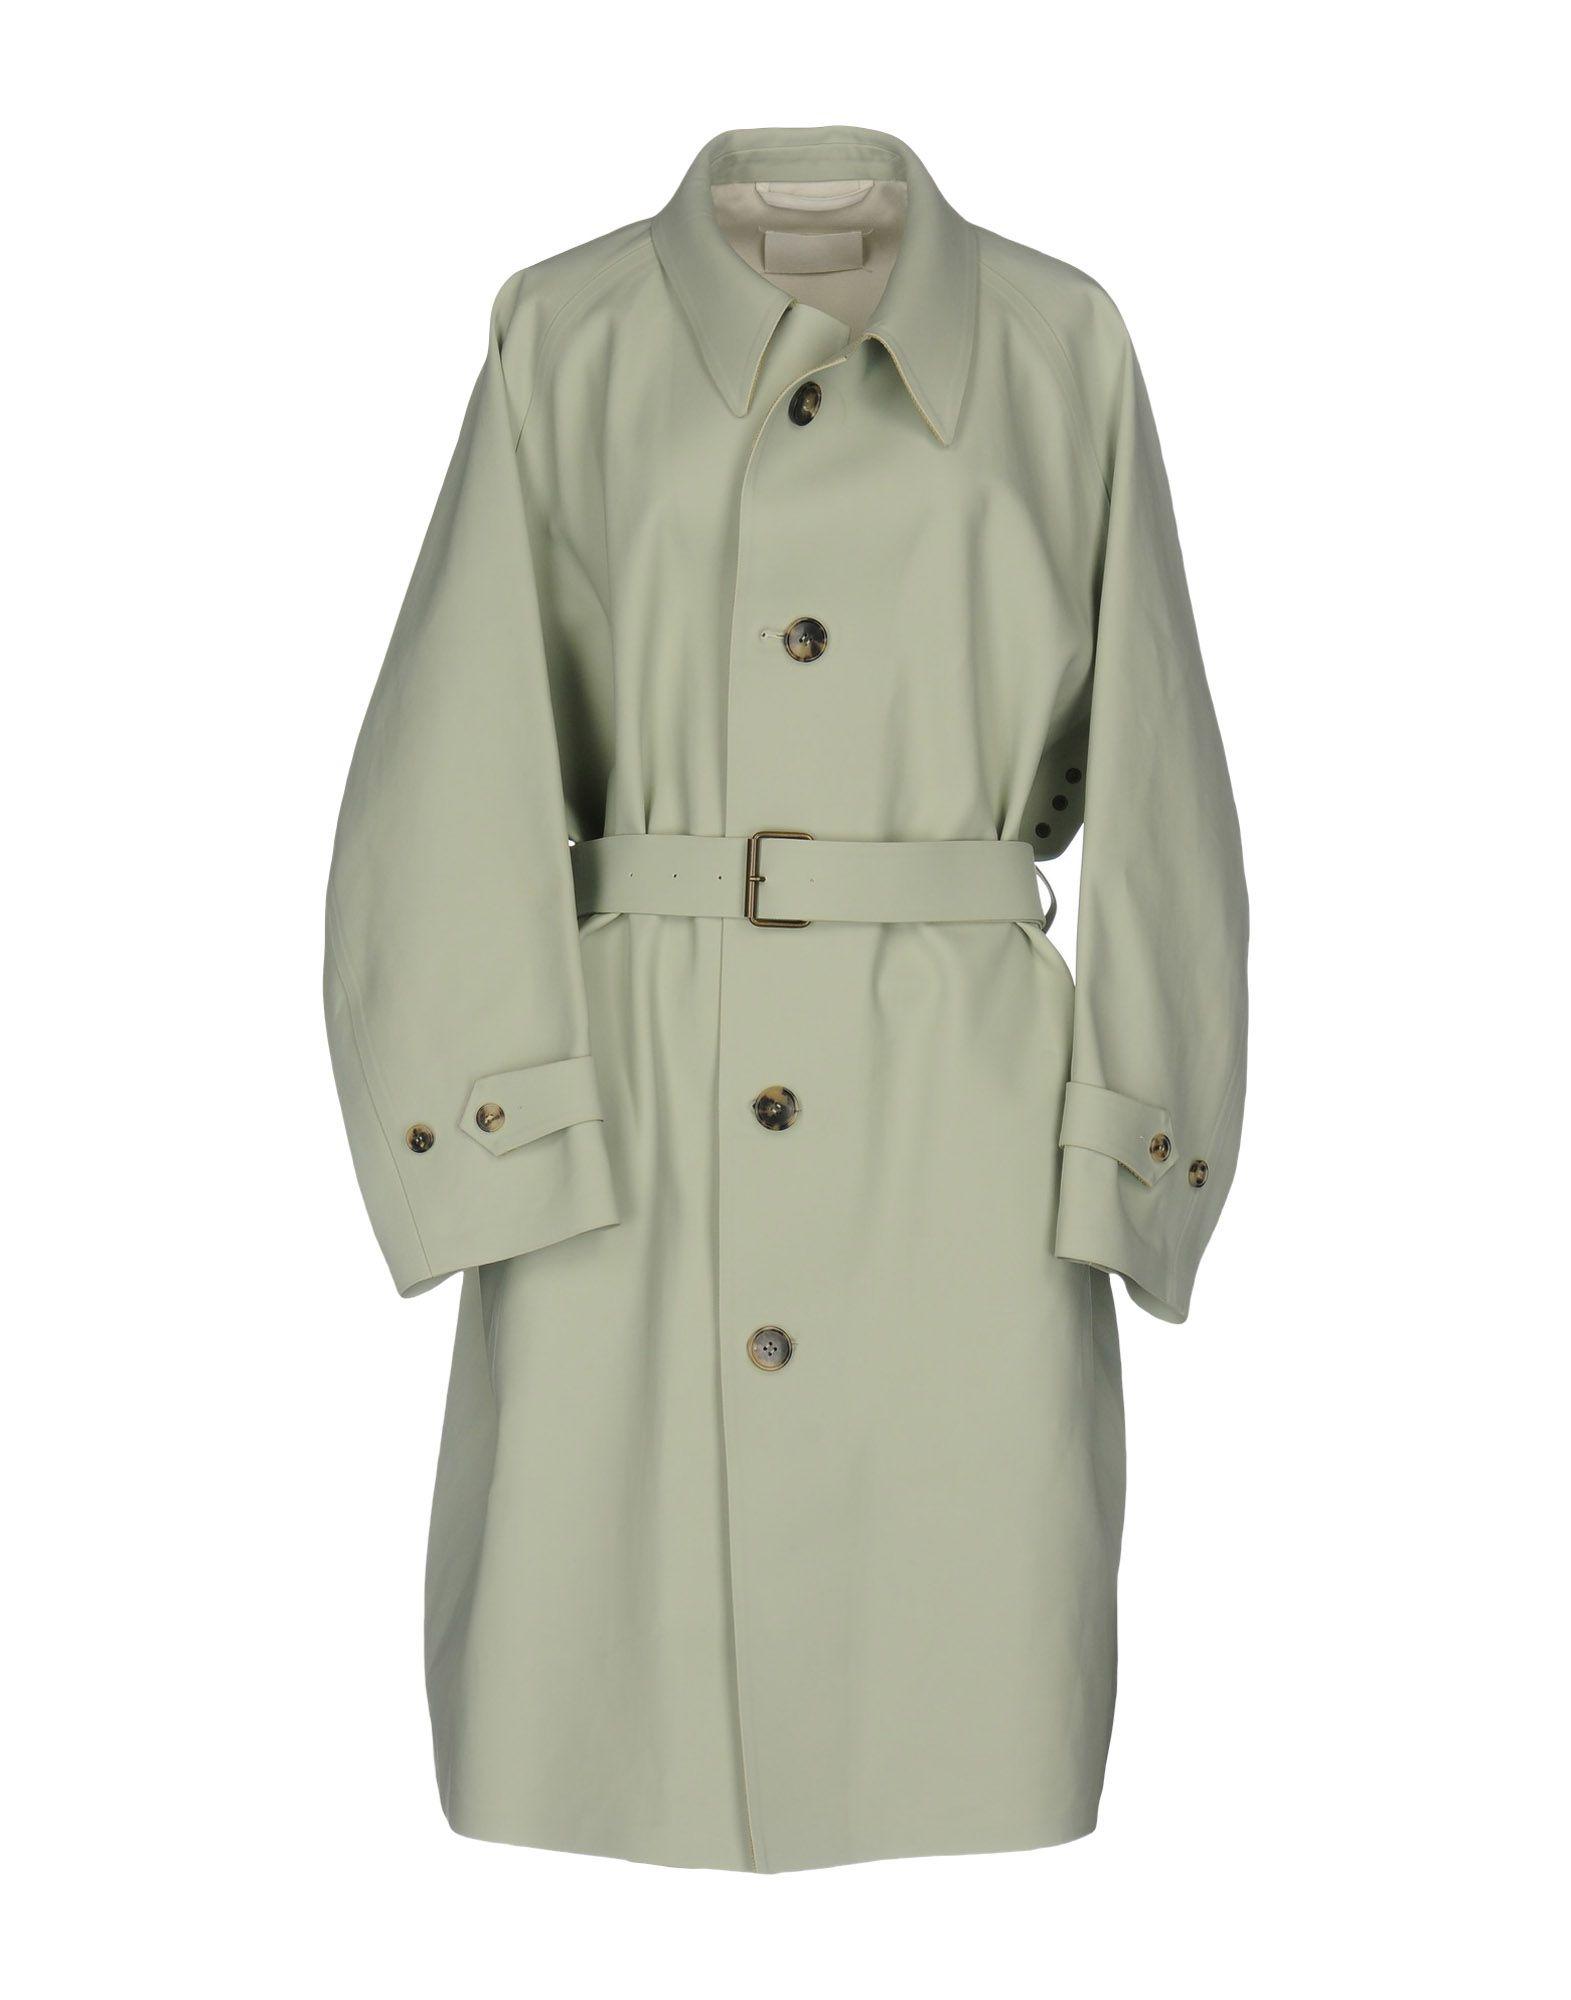 Cappotti Con Cintura Maison Margiela Donna - Acquista online su Bq1tu9w